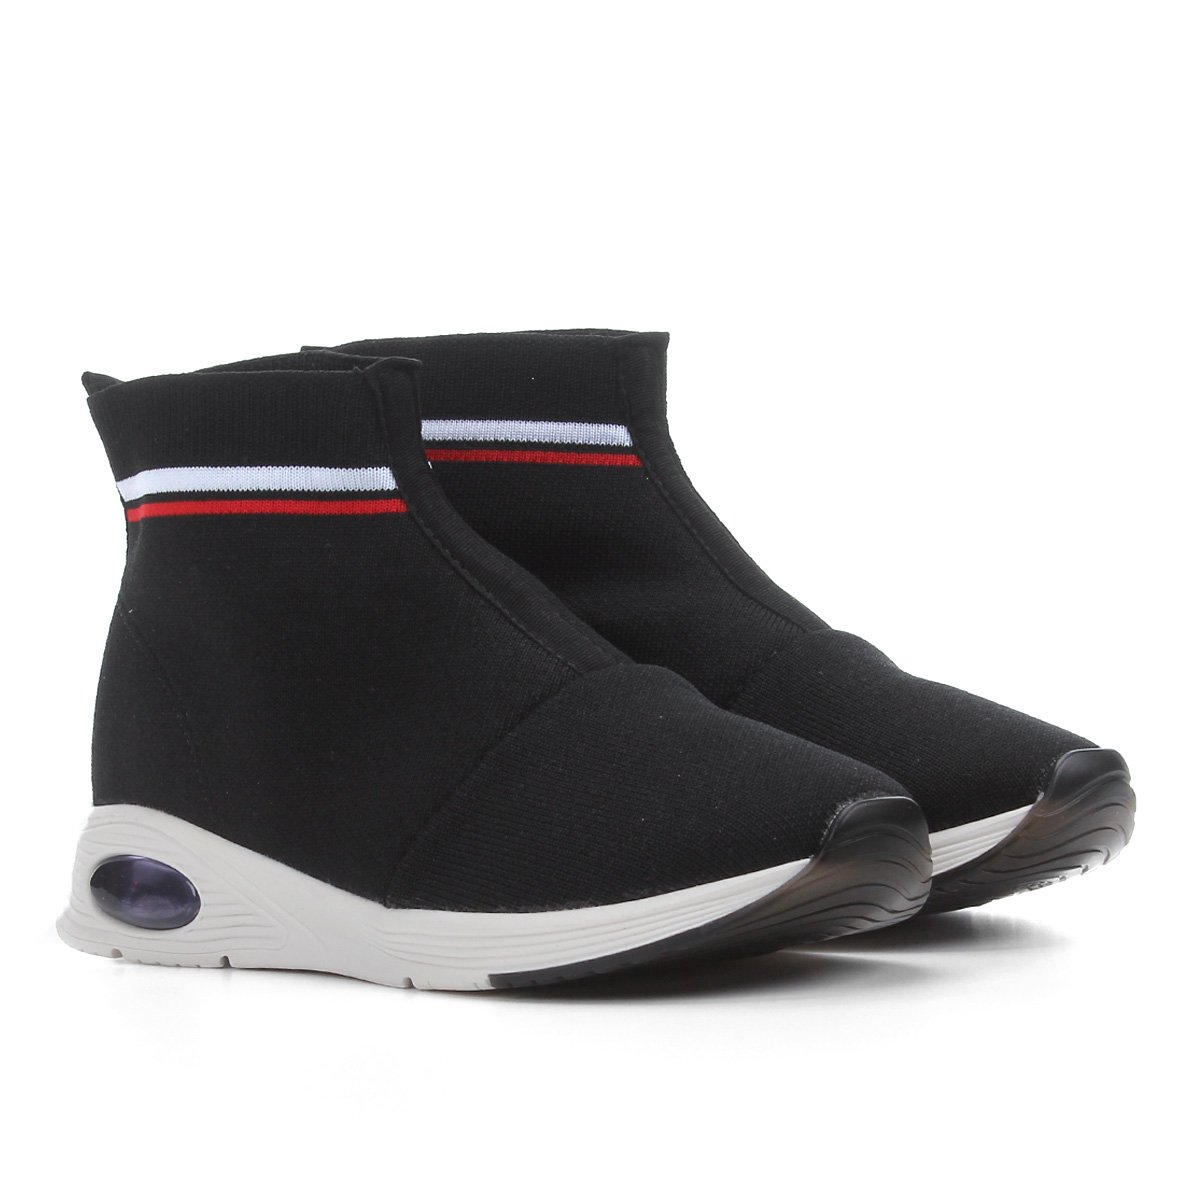 Sapato Molekinha Infantil  2531-105-17829